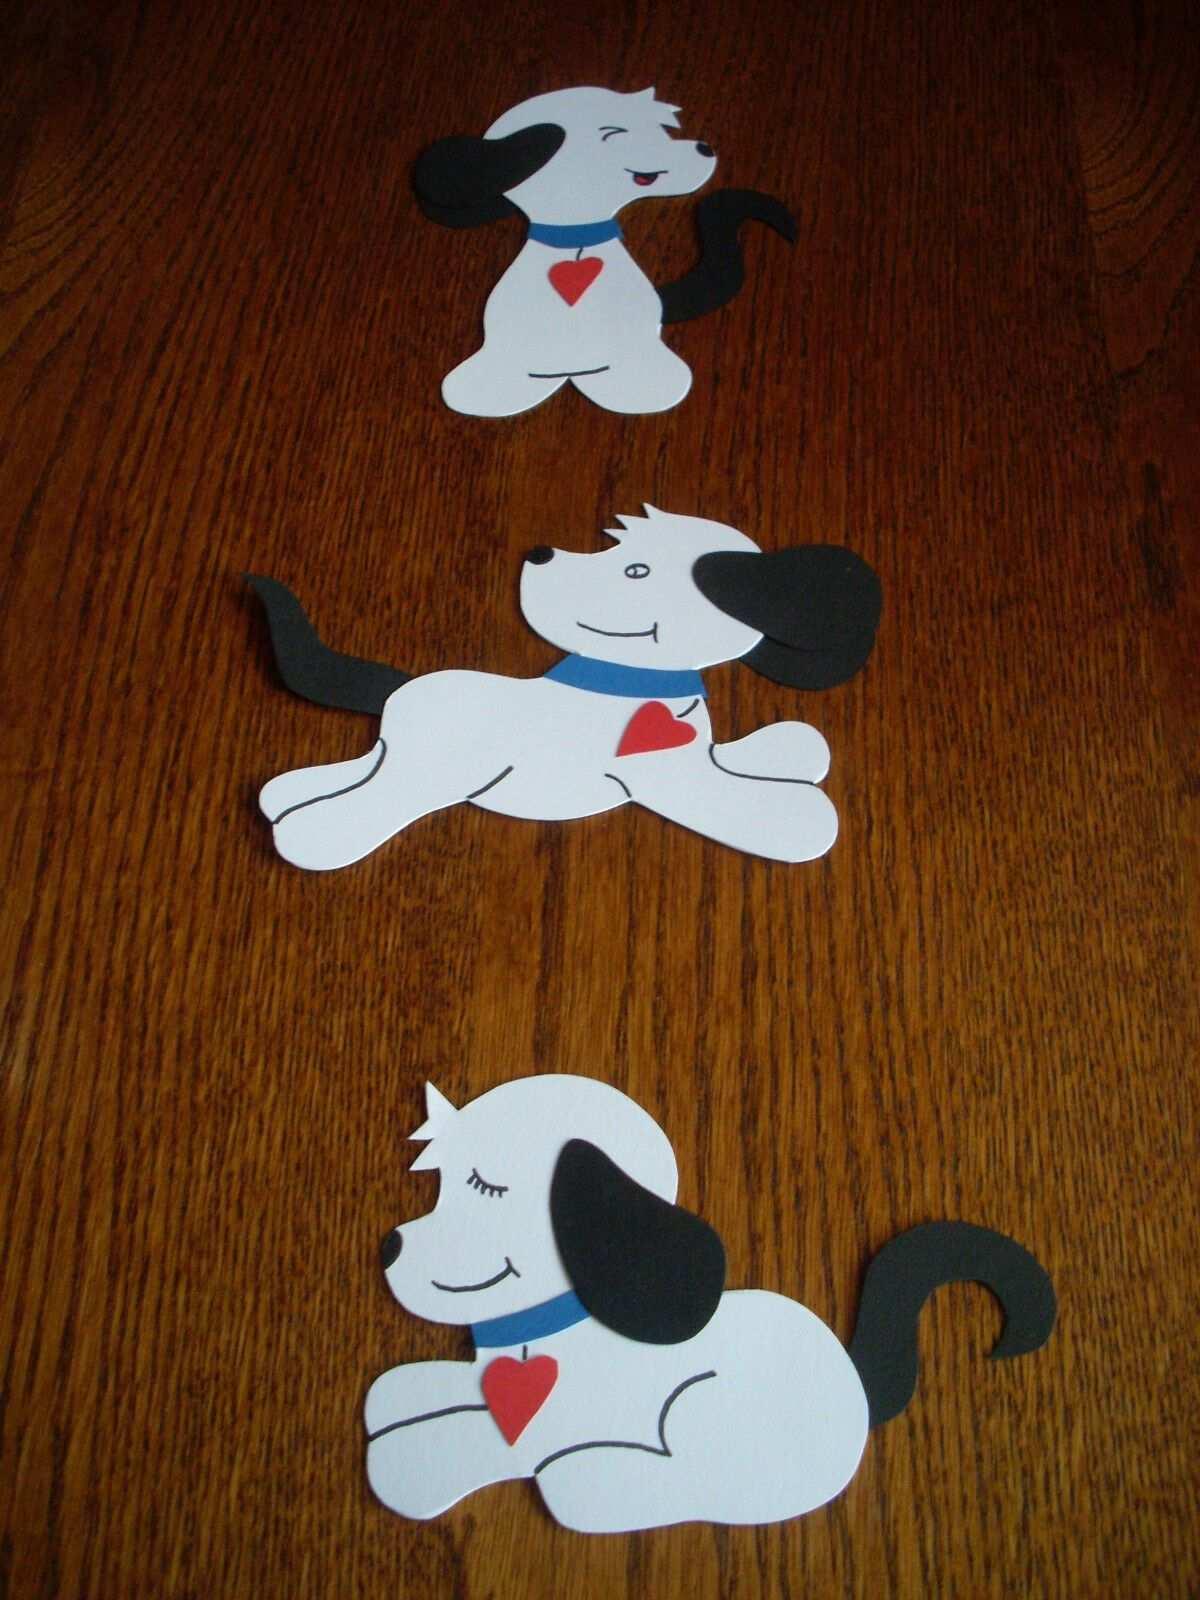 Fensterbild Kette Deko Tonkarton Handarbeit Basteln Hund Hunde Weiss Neu Basteln Coole Diy Geschenke Schultute Basteln